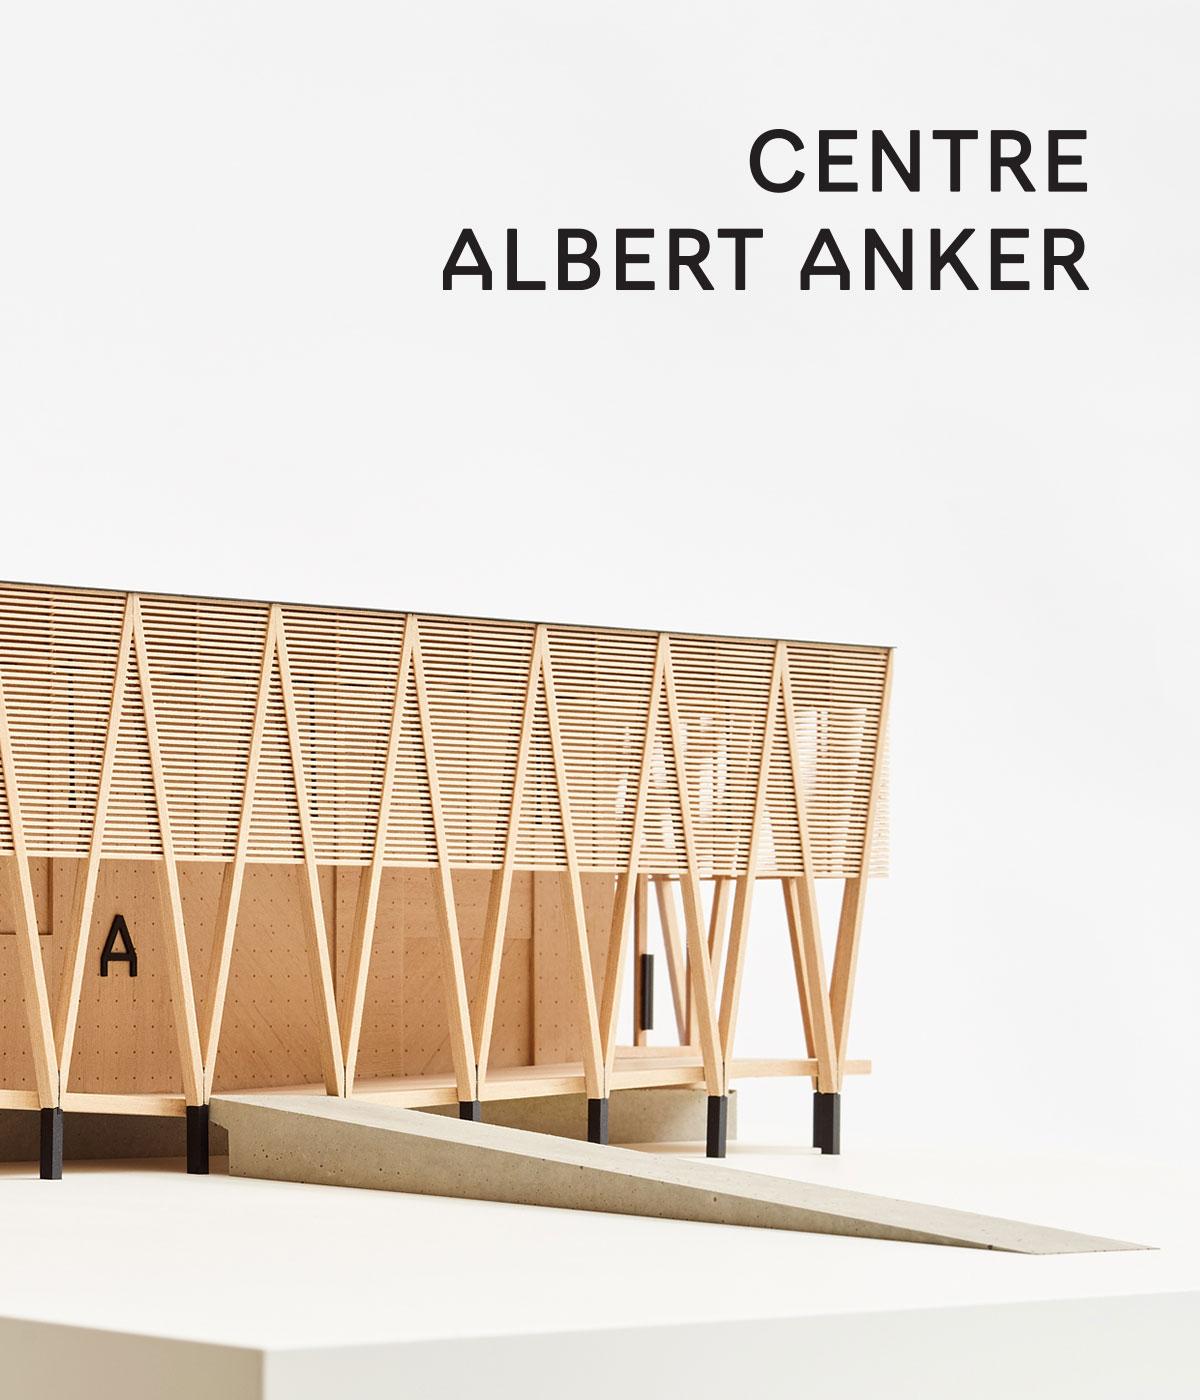 Startschuss für das Centre Albert Anker